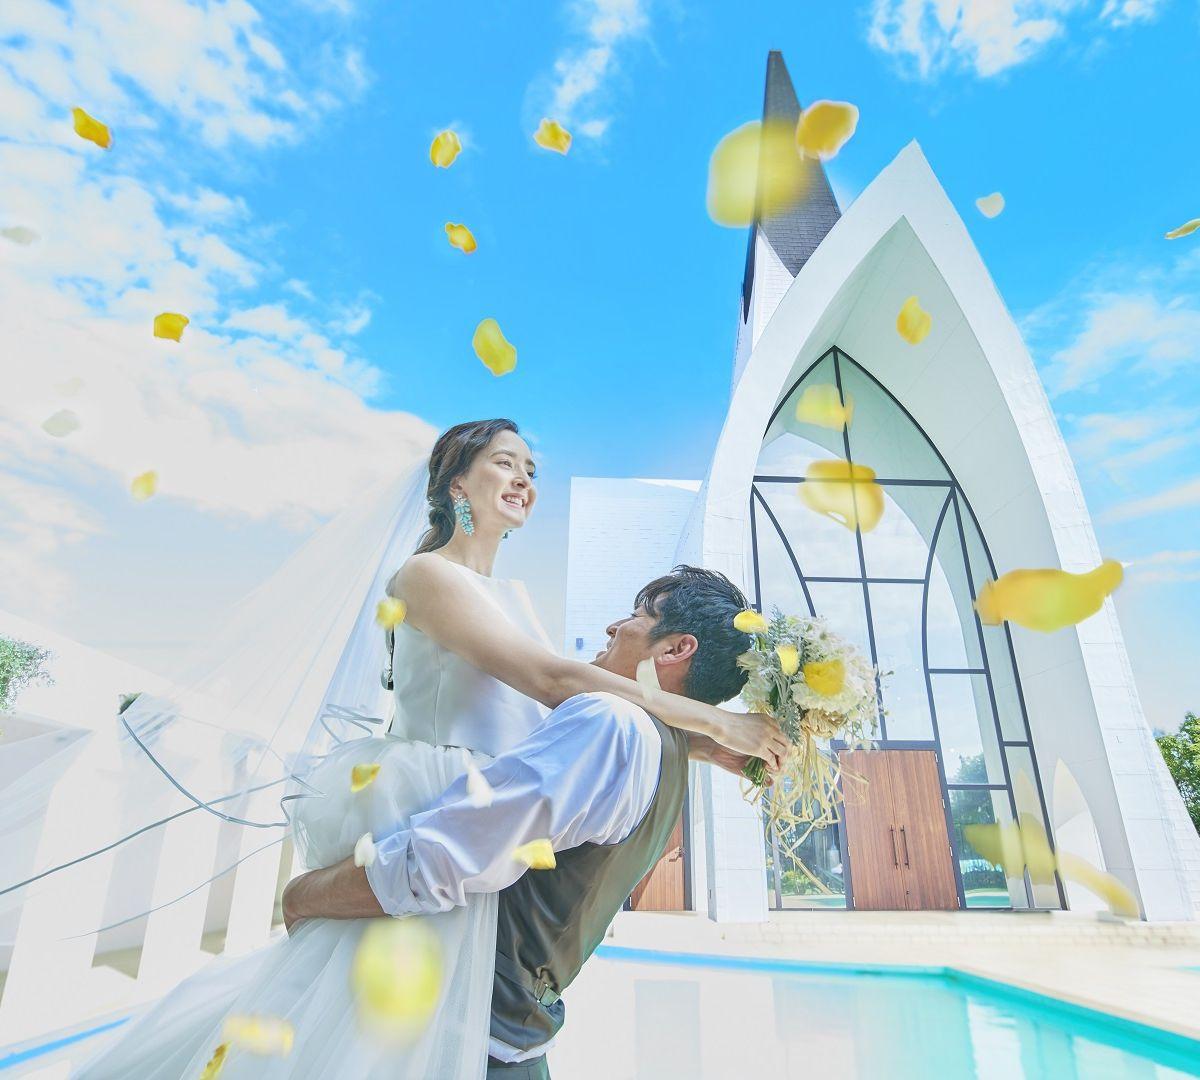 アンジェローブ (Wedding Island Angerobe)の公式写真1枚目